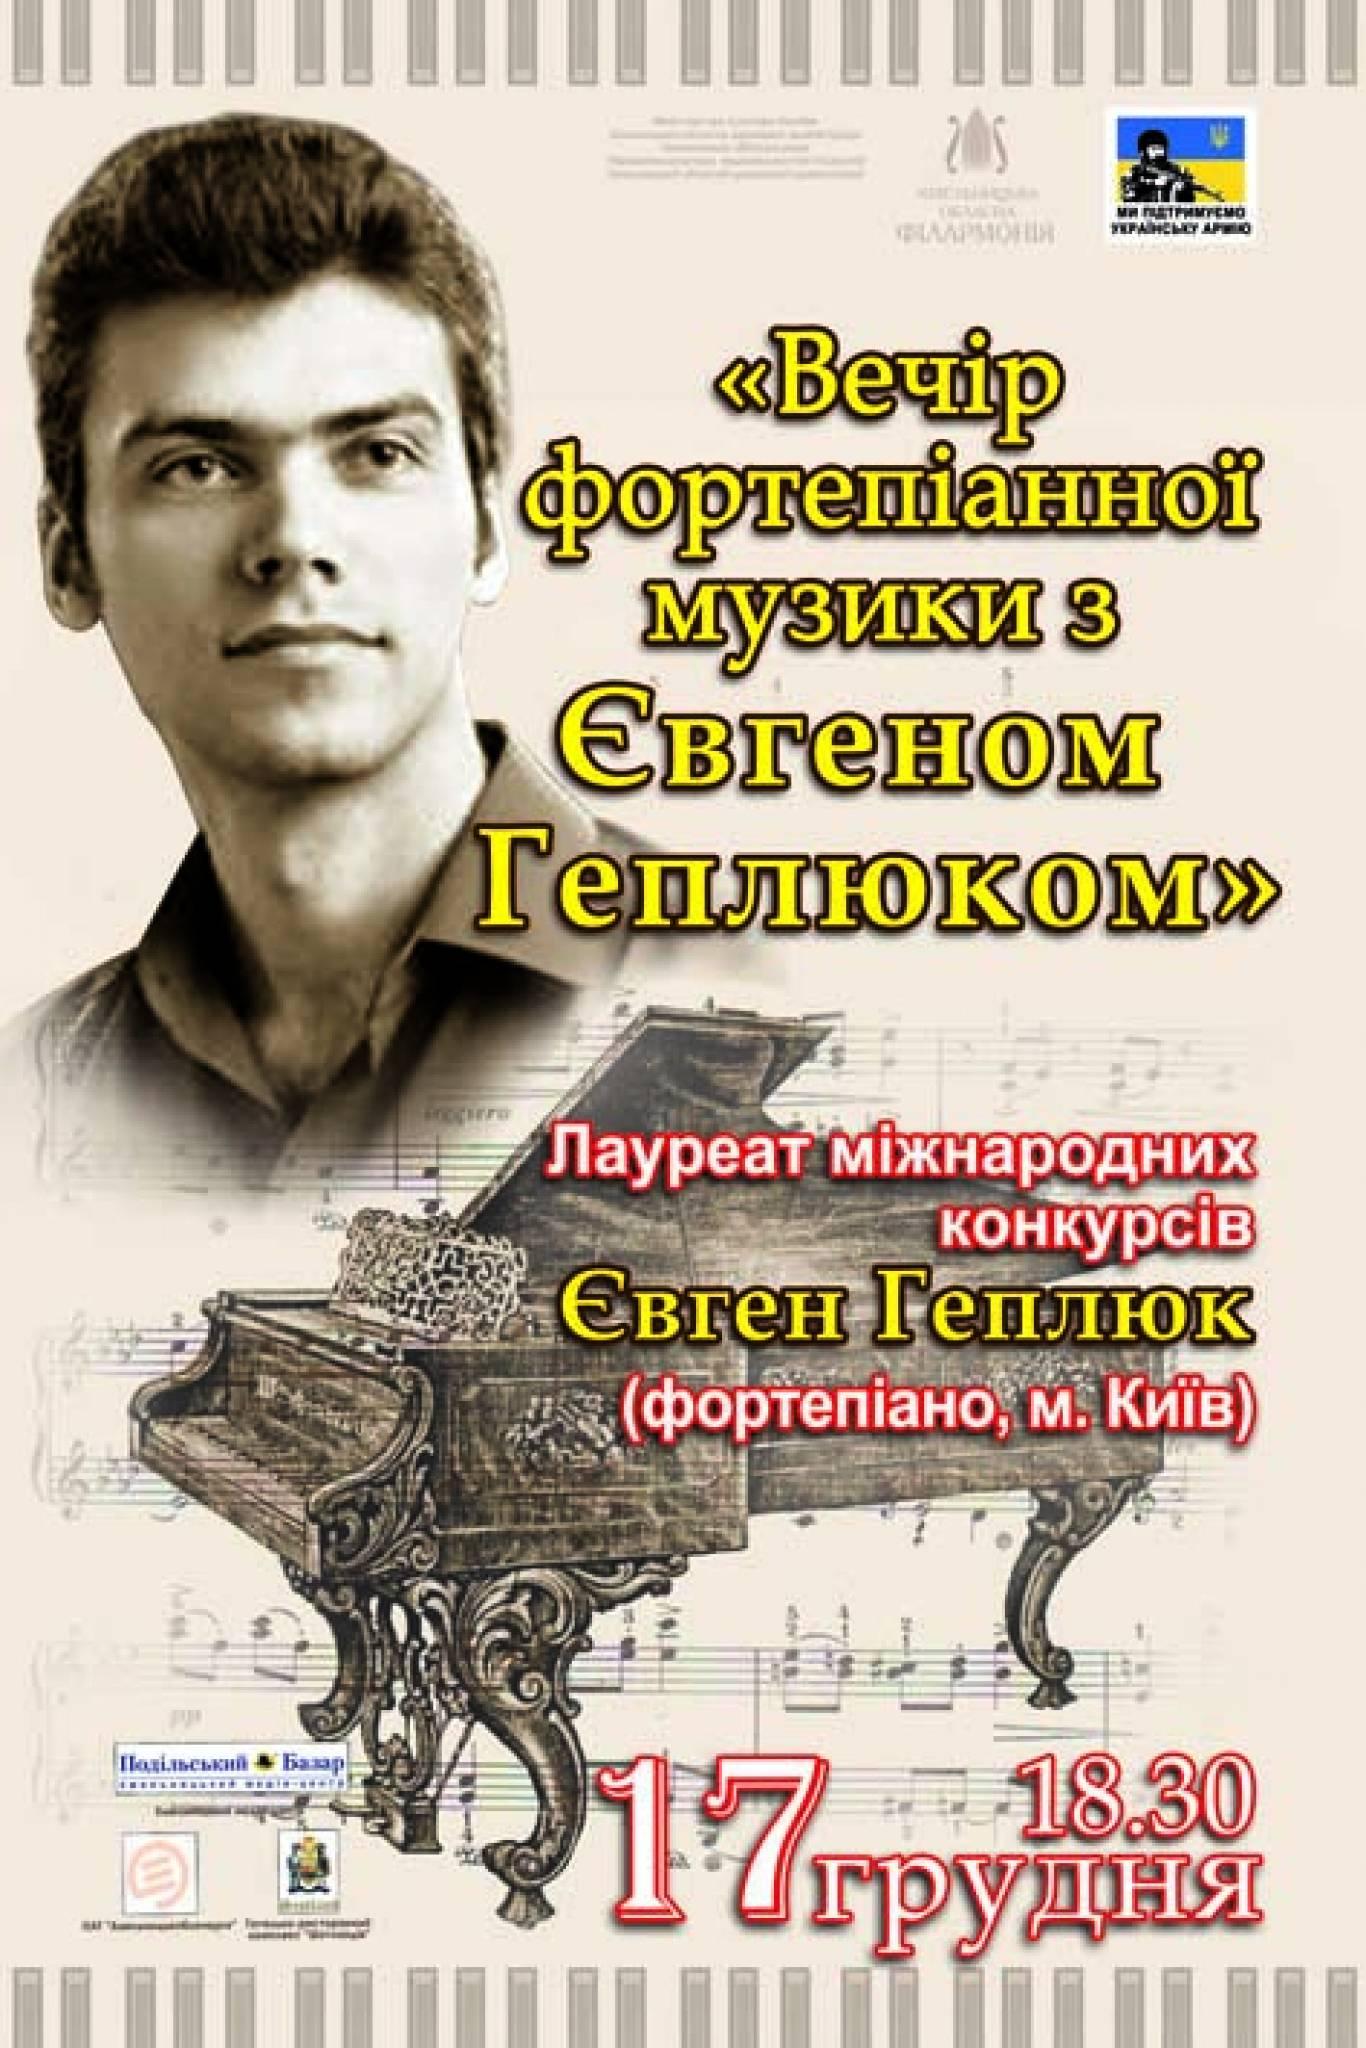 Вечір фортепіанної музики з Євгеном Геплюком